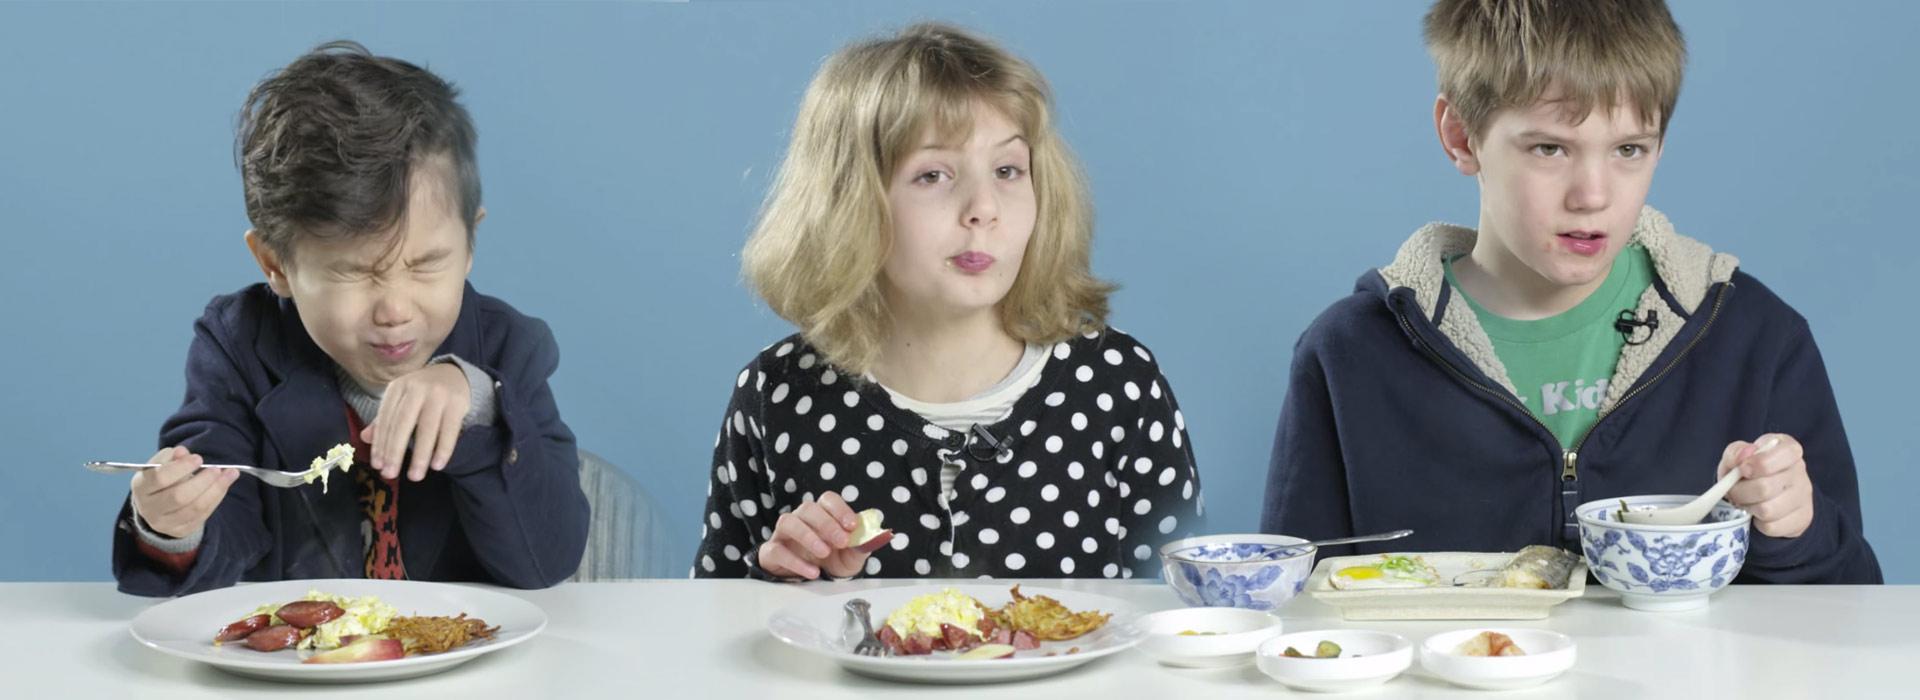 enfants_petit_dejeuner_home